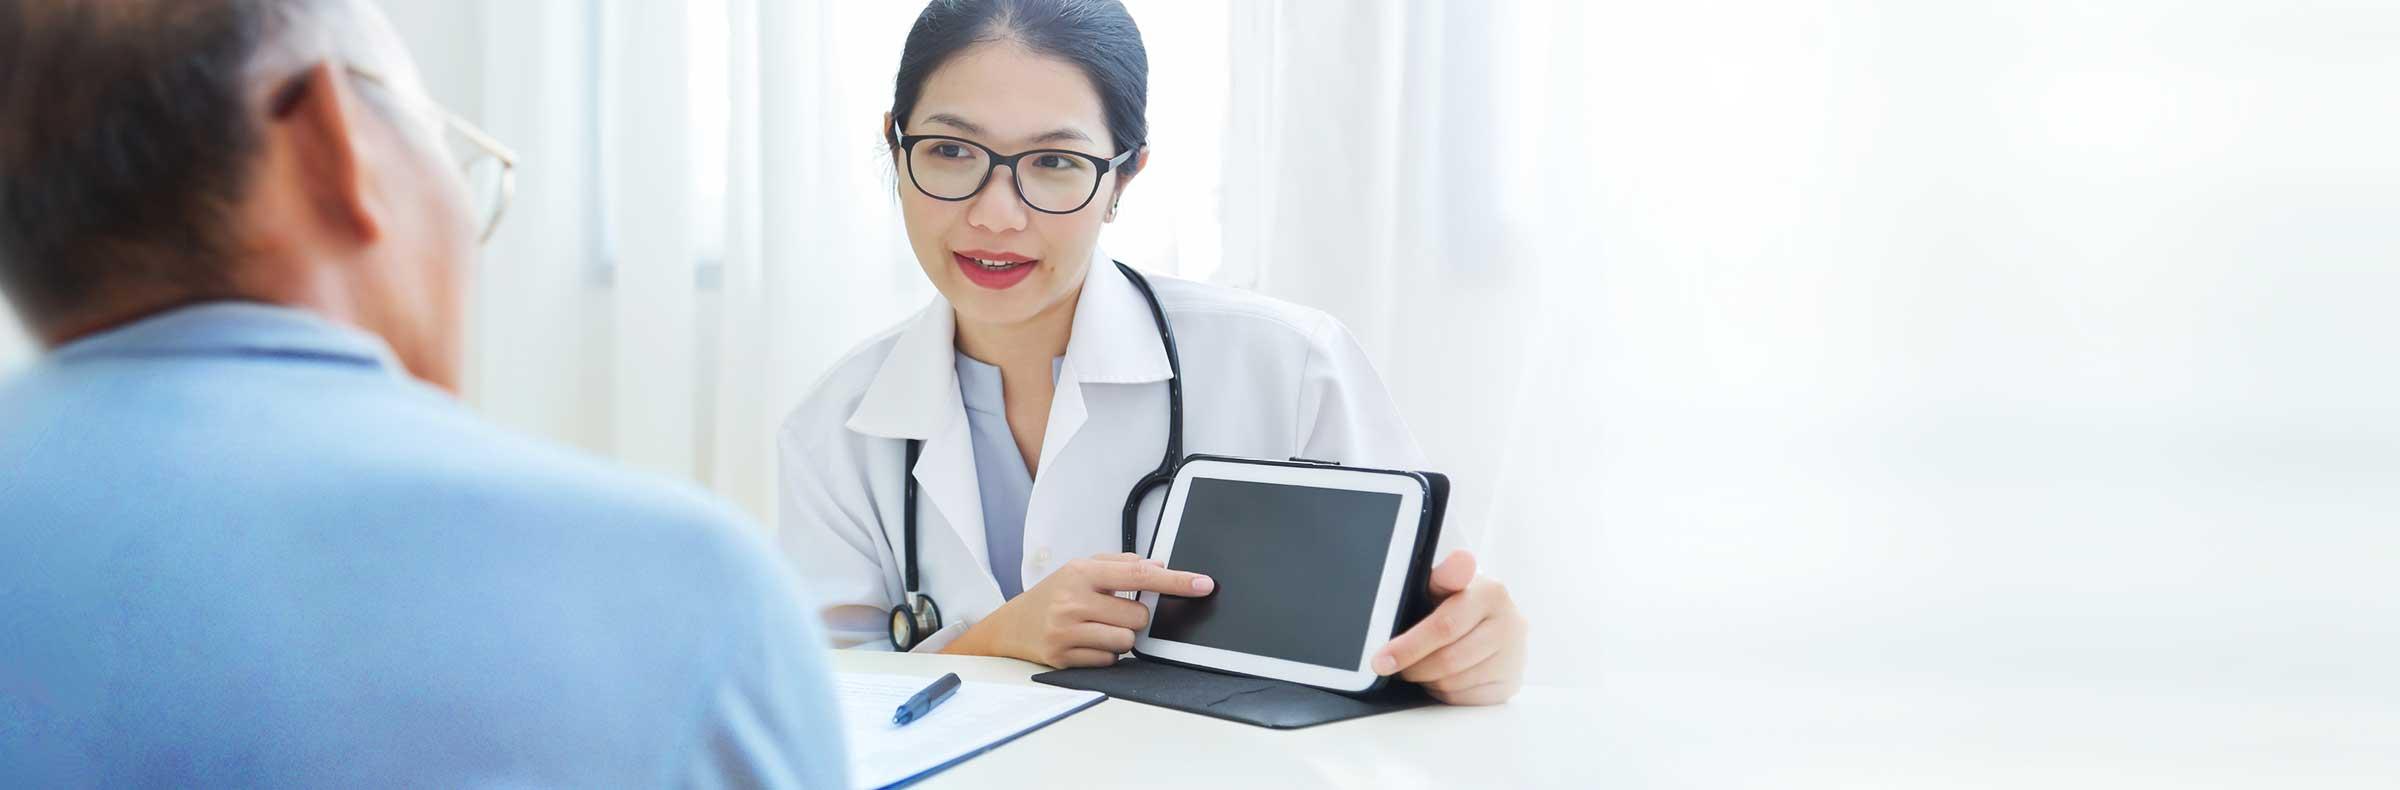 AF Specialist Nurse – Shared Decision Making